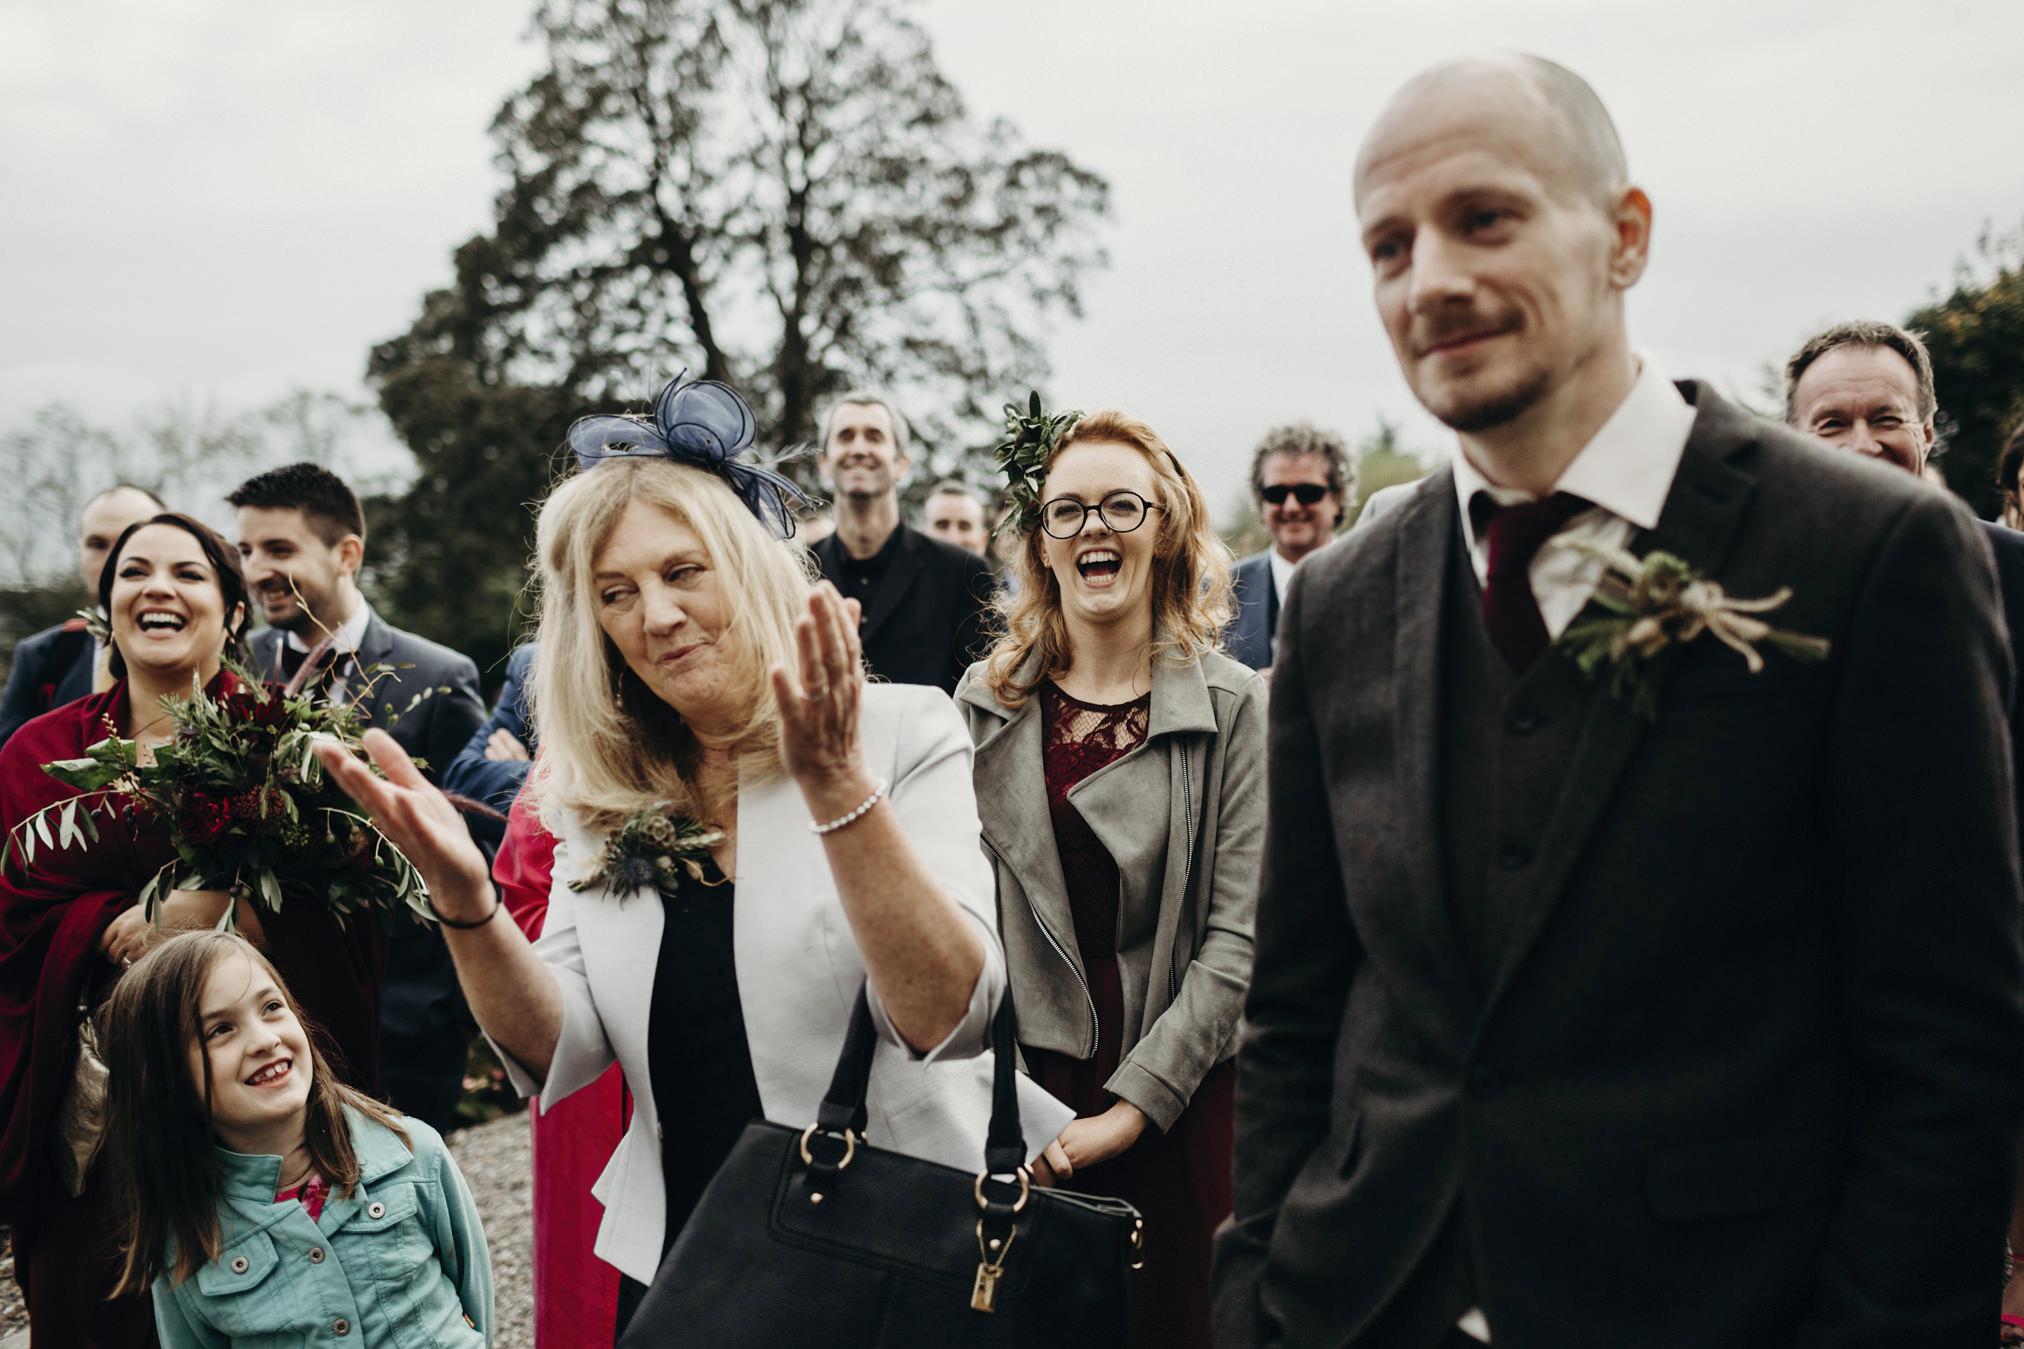 wedding photographer irelandGraciela Vilagudin Photography639.jpg